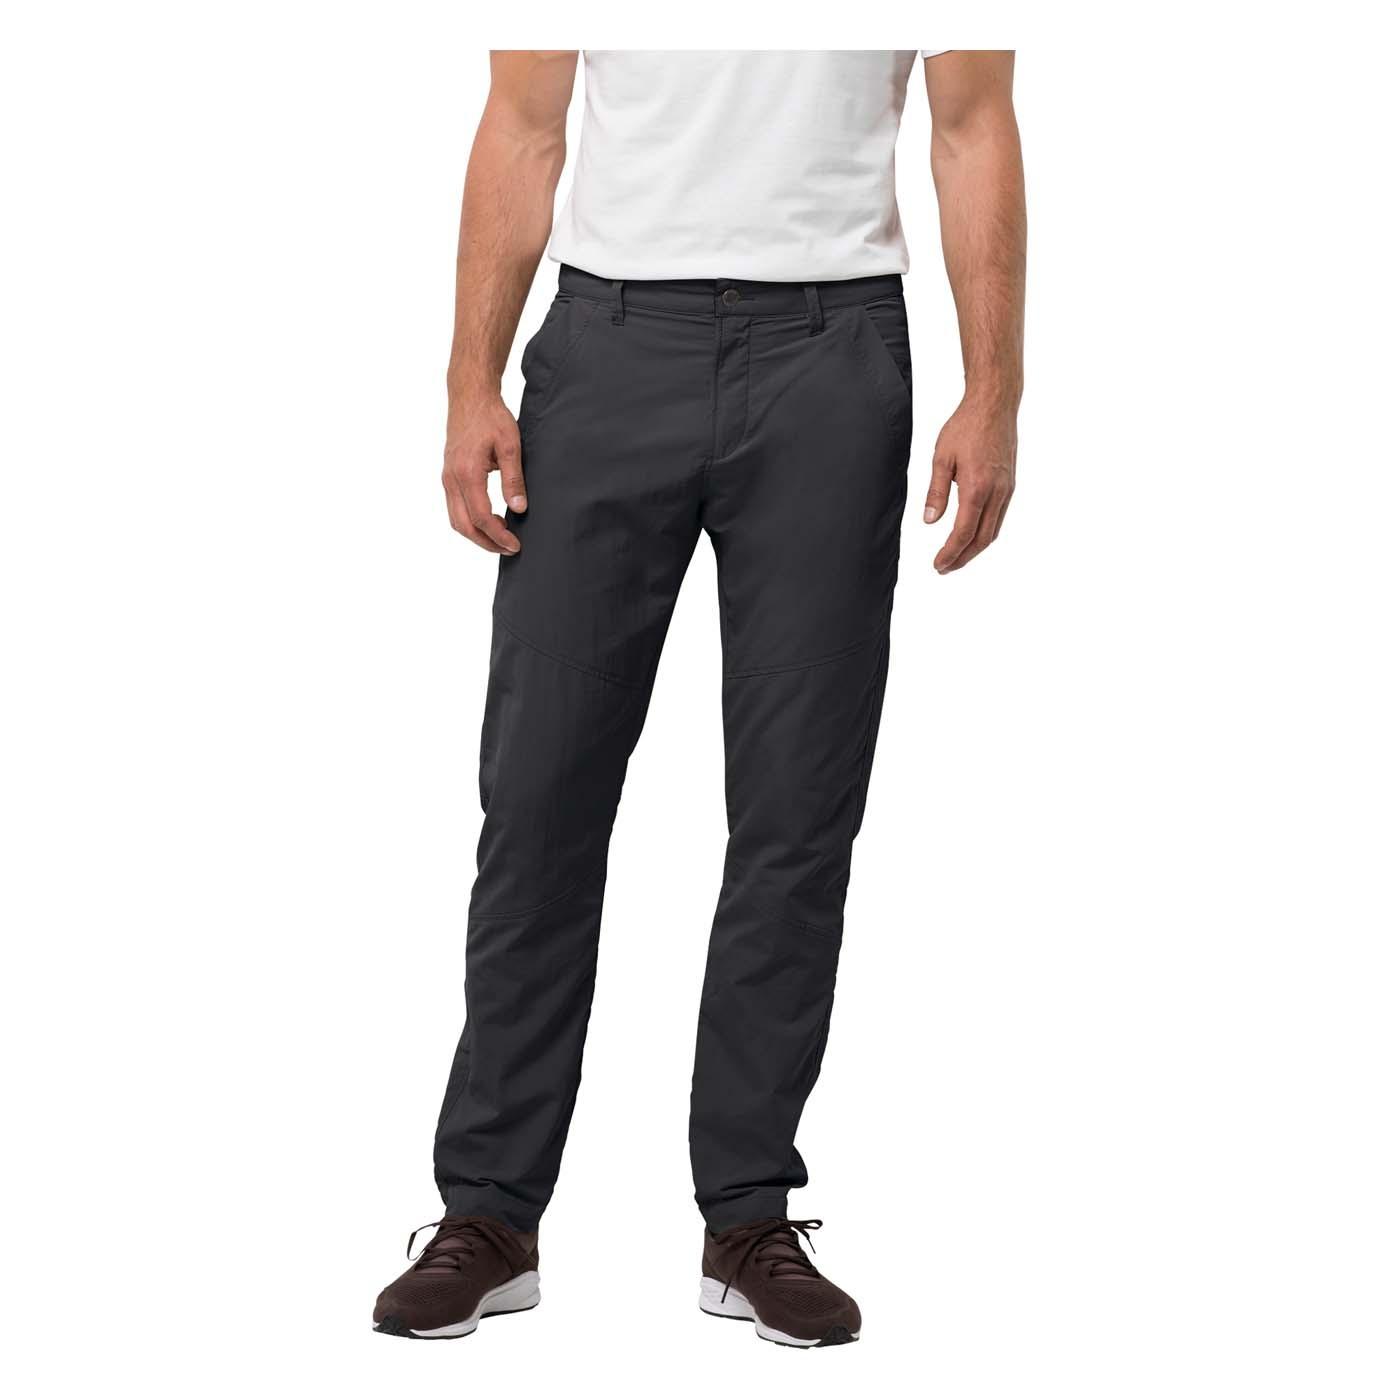 Męskie spodnie Jack Wolfskin M-XL w @SklepMartes